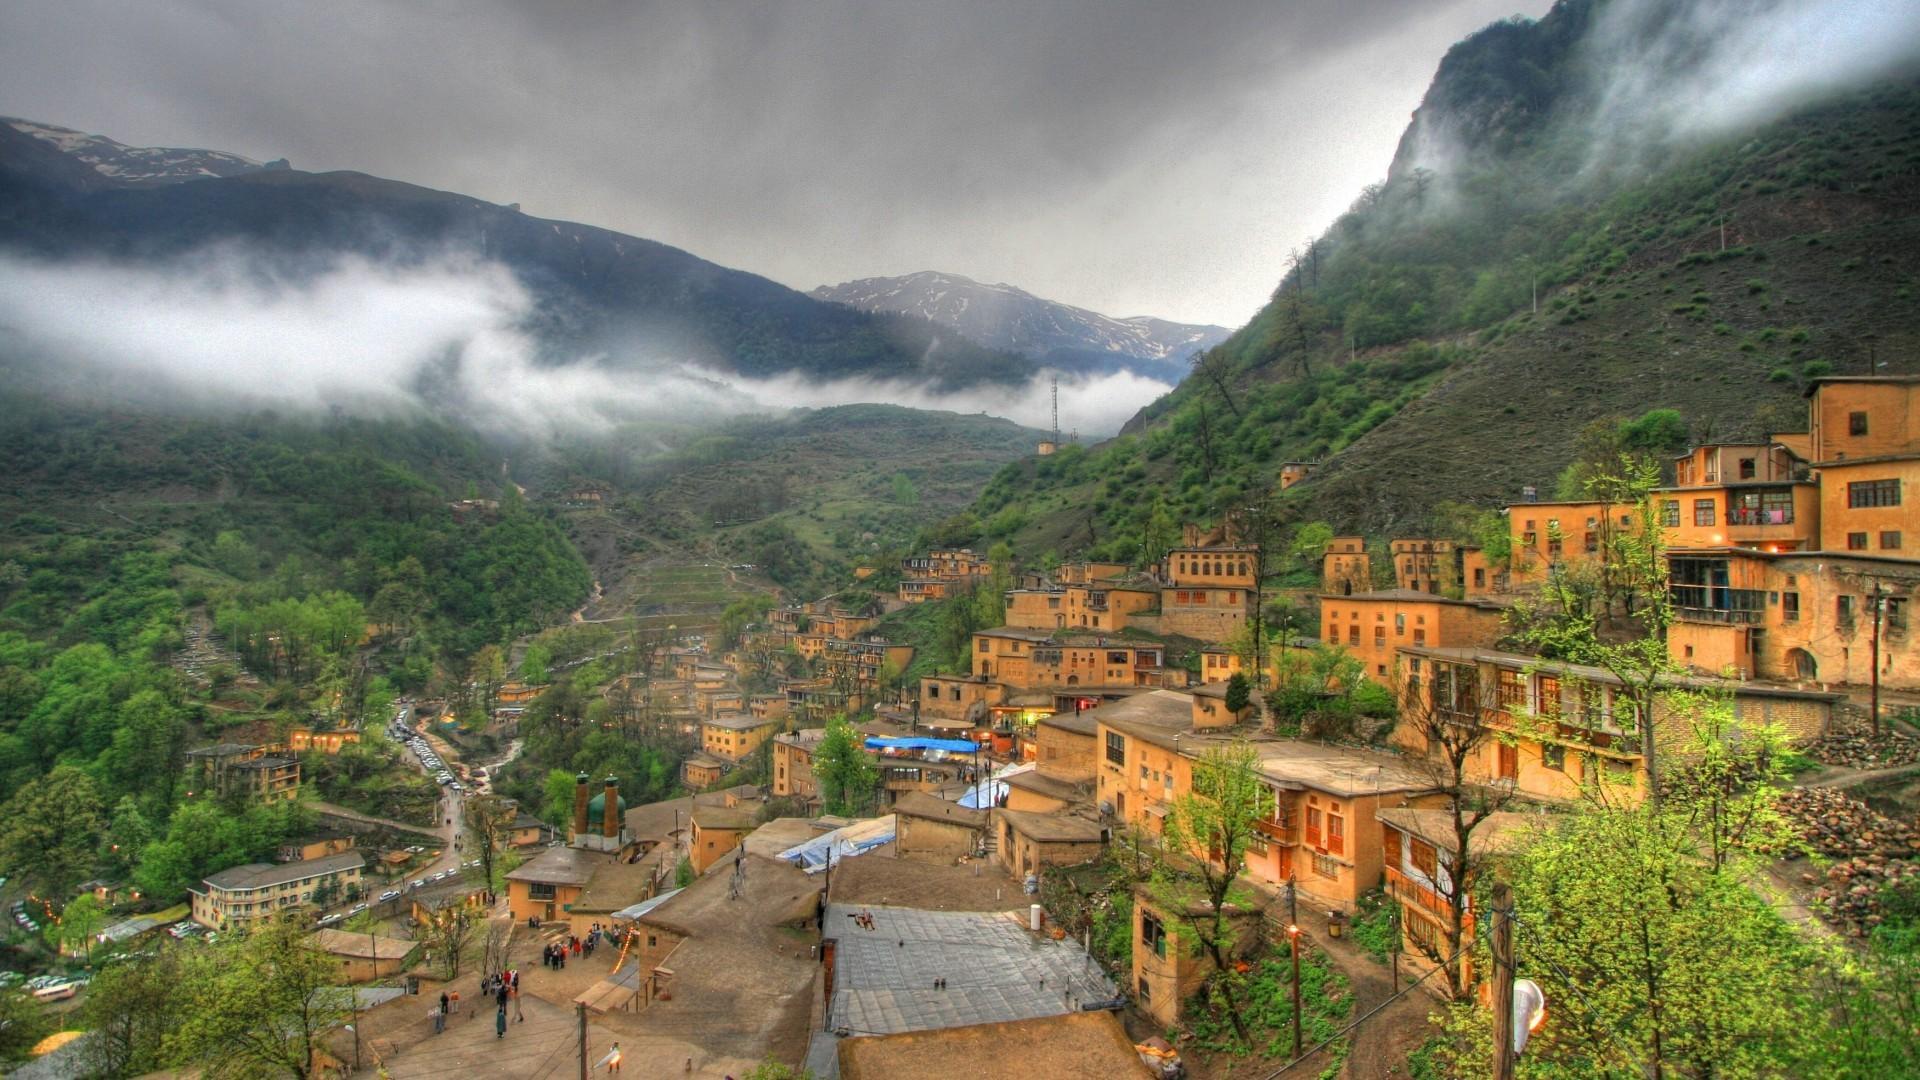 masoule village